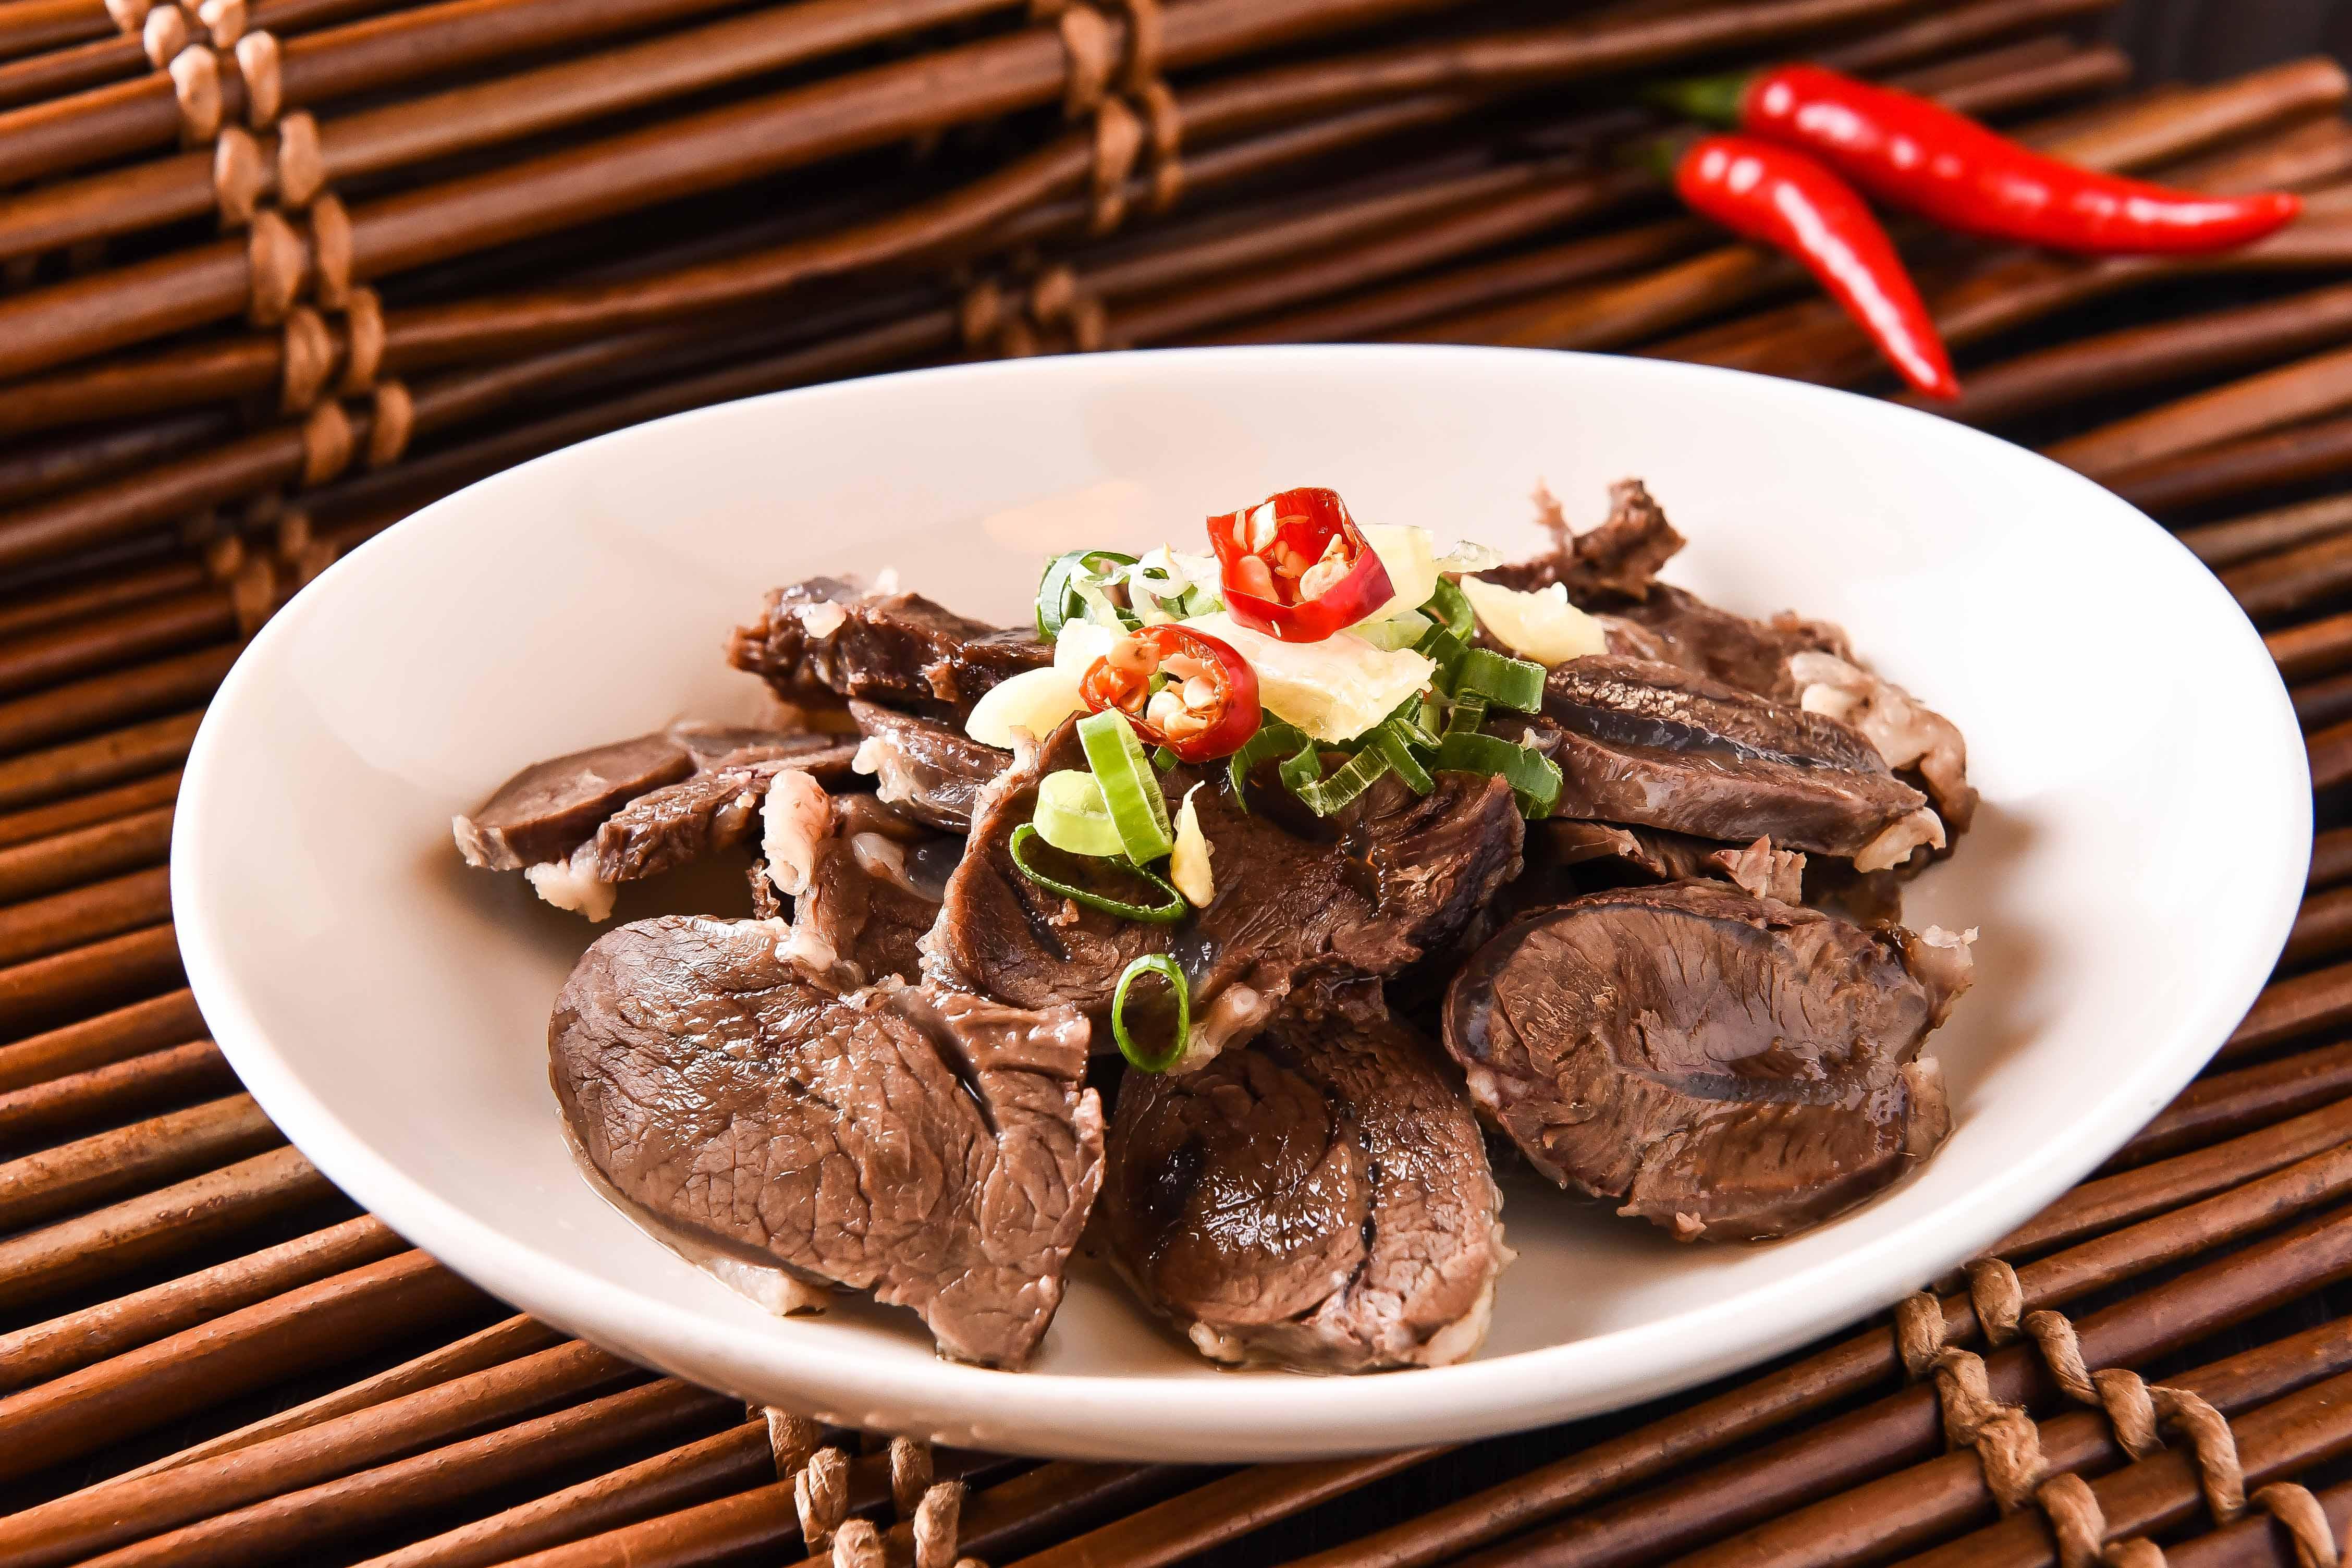 【 咩 】黃金右腿 (小金) 台南知名羊肉爐【傳香三代】 真材食料 高品質嚴選 (80g/包) 1